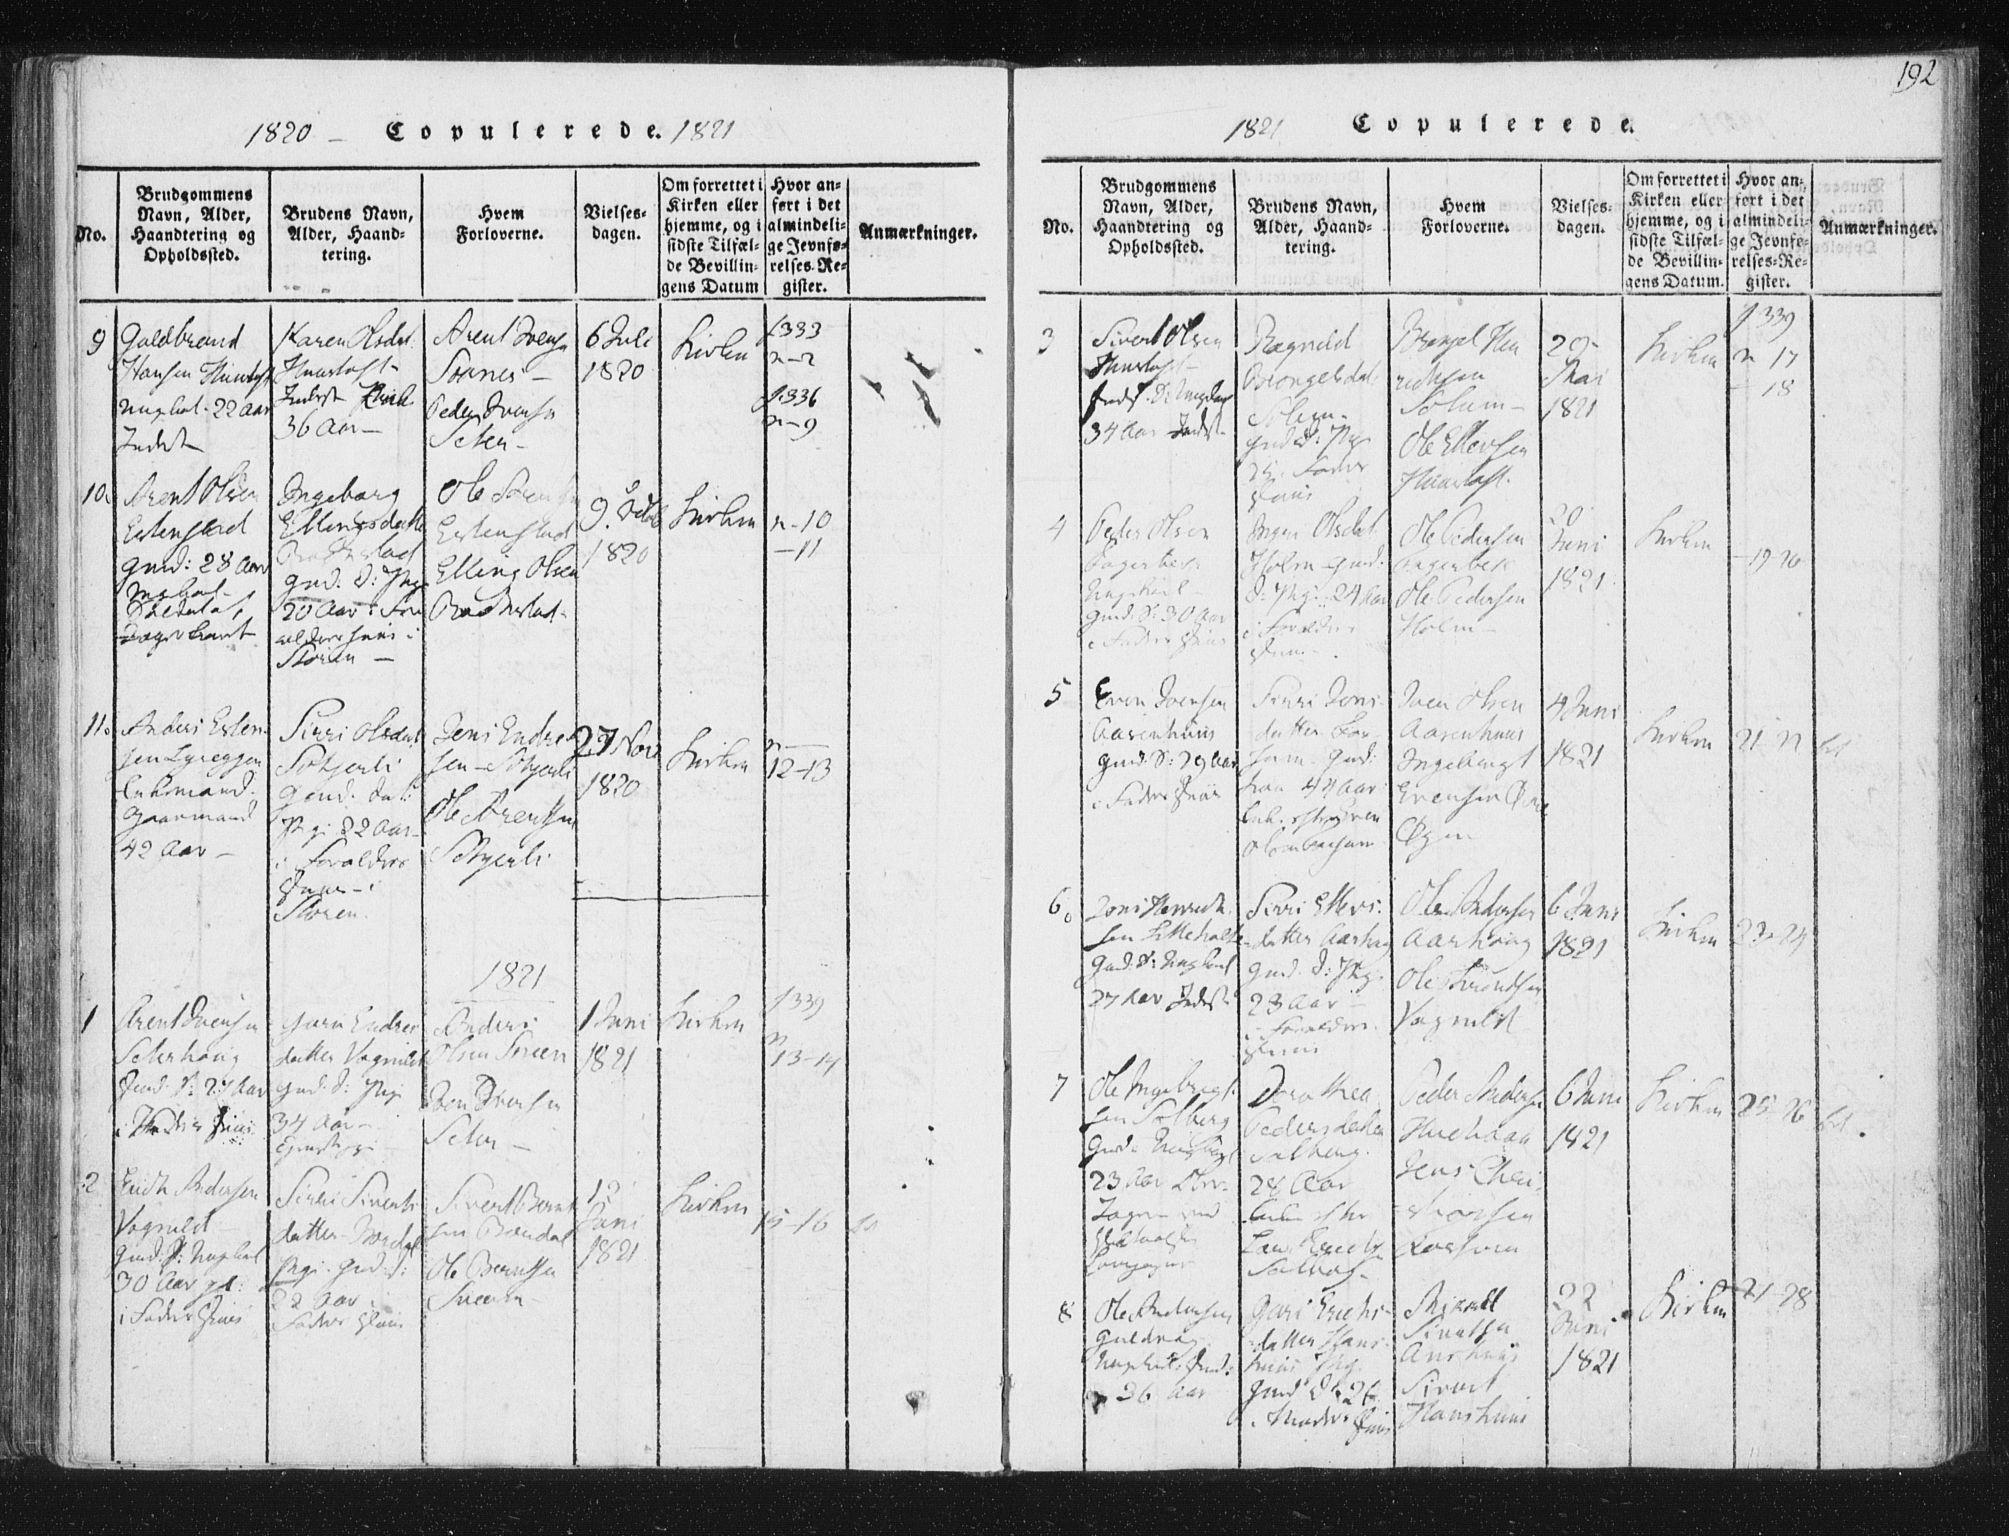 SAT, Ministerialprotokoller, klokkerbøker og fødselsregistre - Sør-Trøndelag, 689/L1037: Ministerialbok nr. 689A02, 1816-1842, s. 192